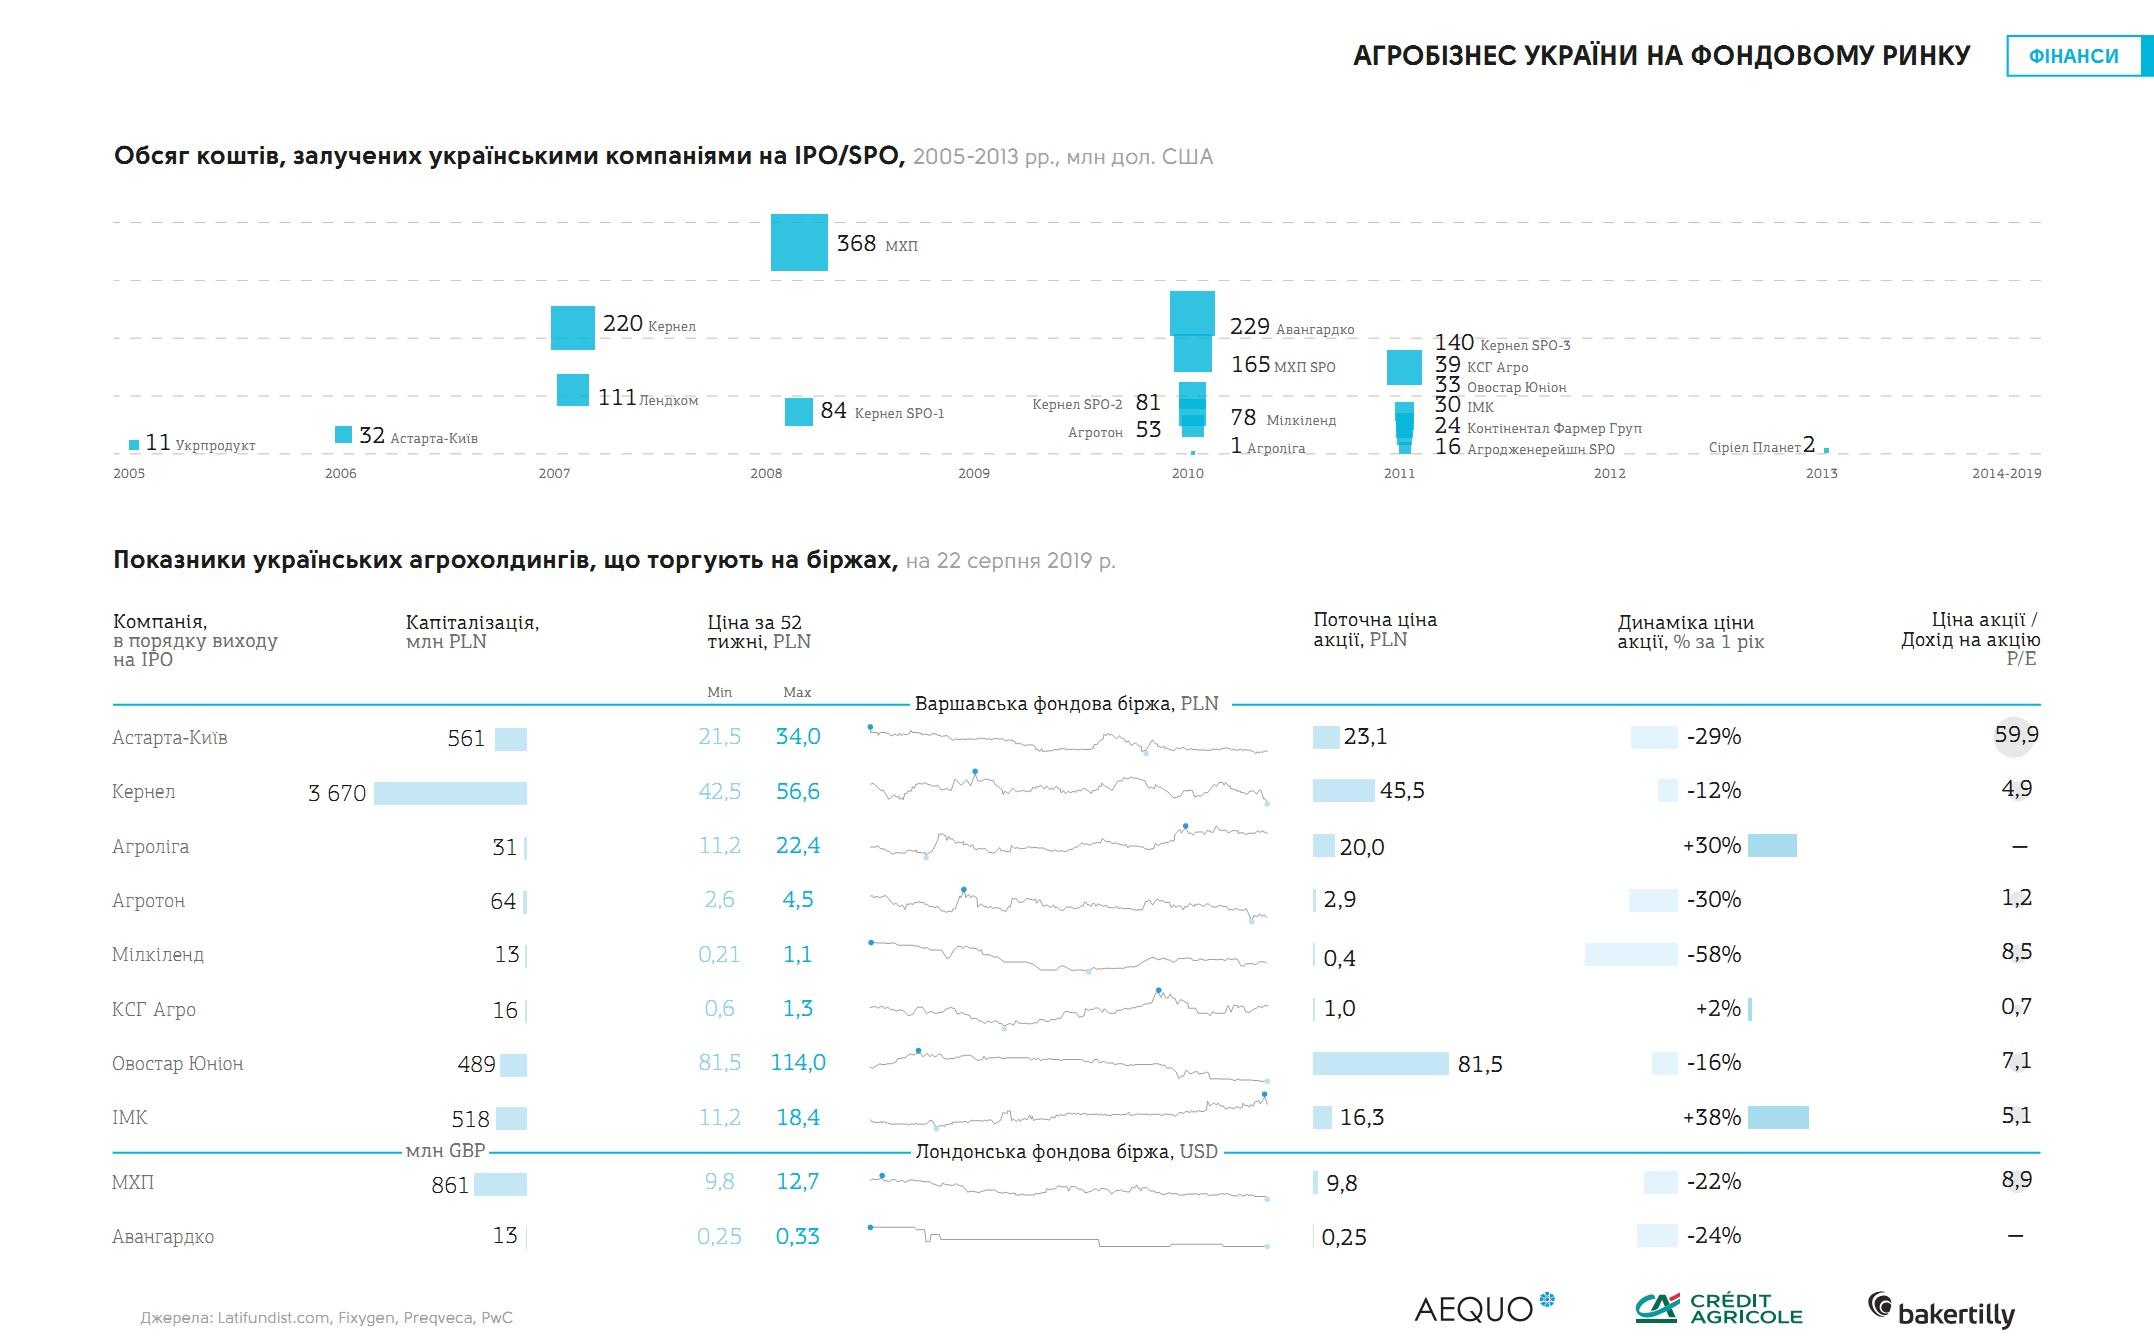 Украинский агробизнес на биржах (кликните для увеличения изображения)